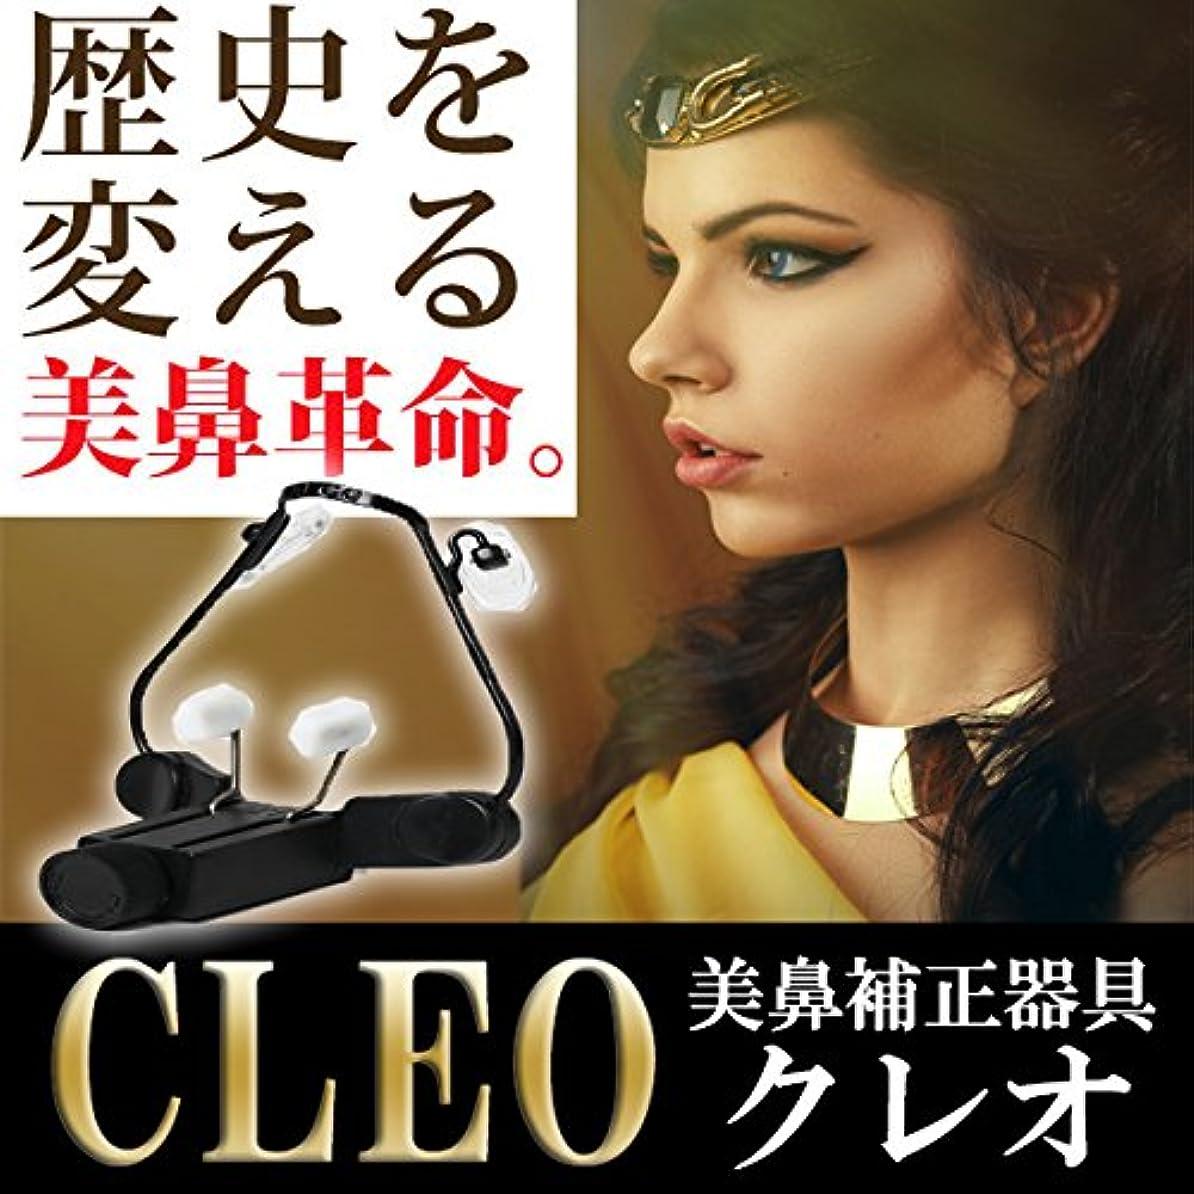 自動車浜辺ハンマー美鼻補整器具CLEO(クレオ) 1日10分できりっと通った鼻筋を目指せ!